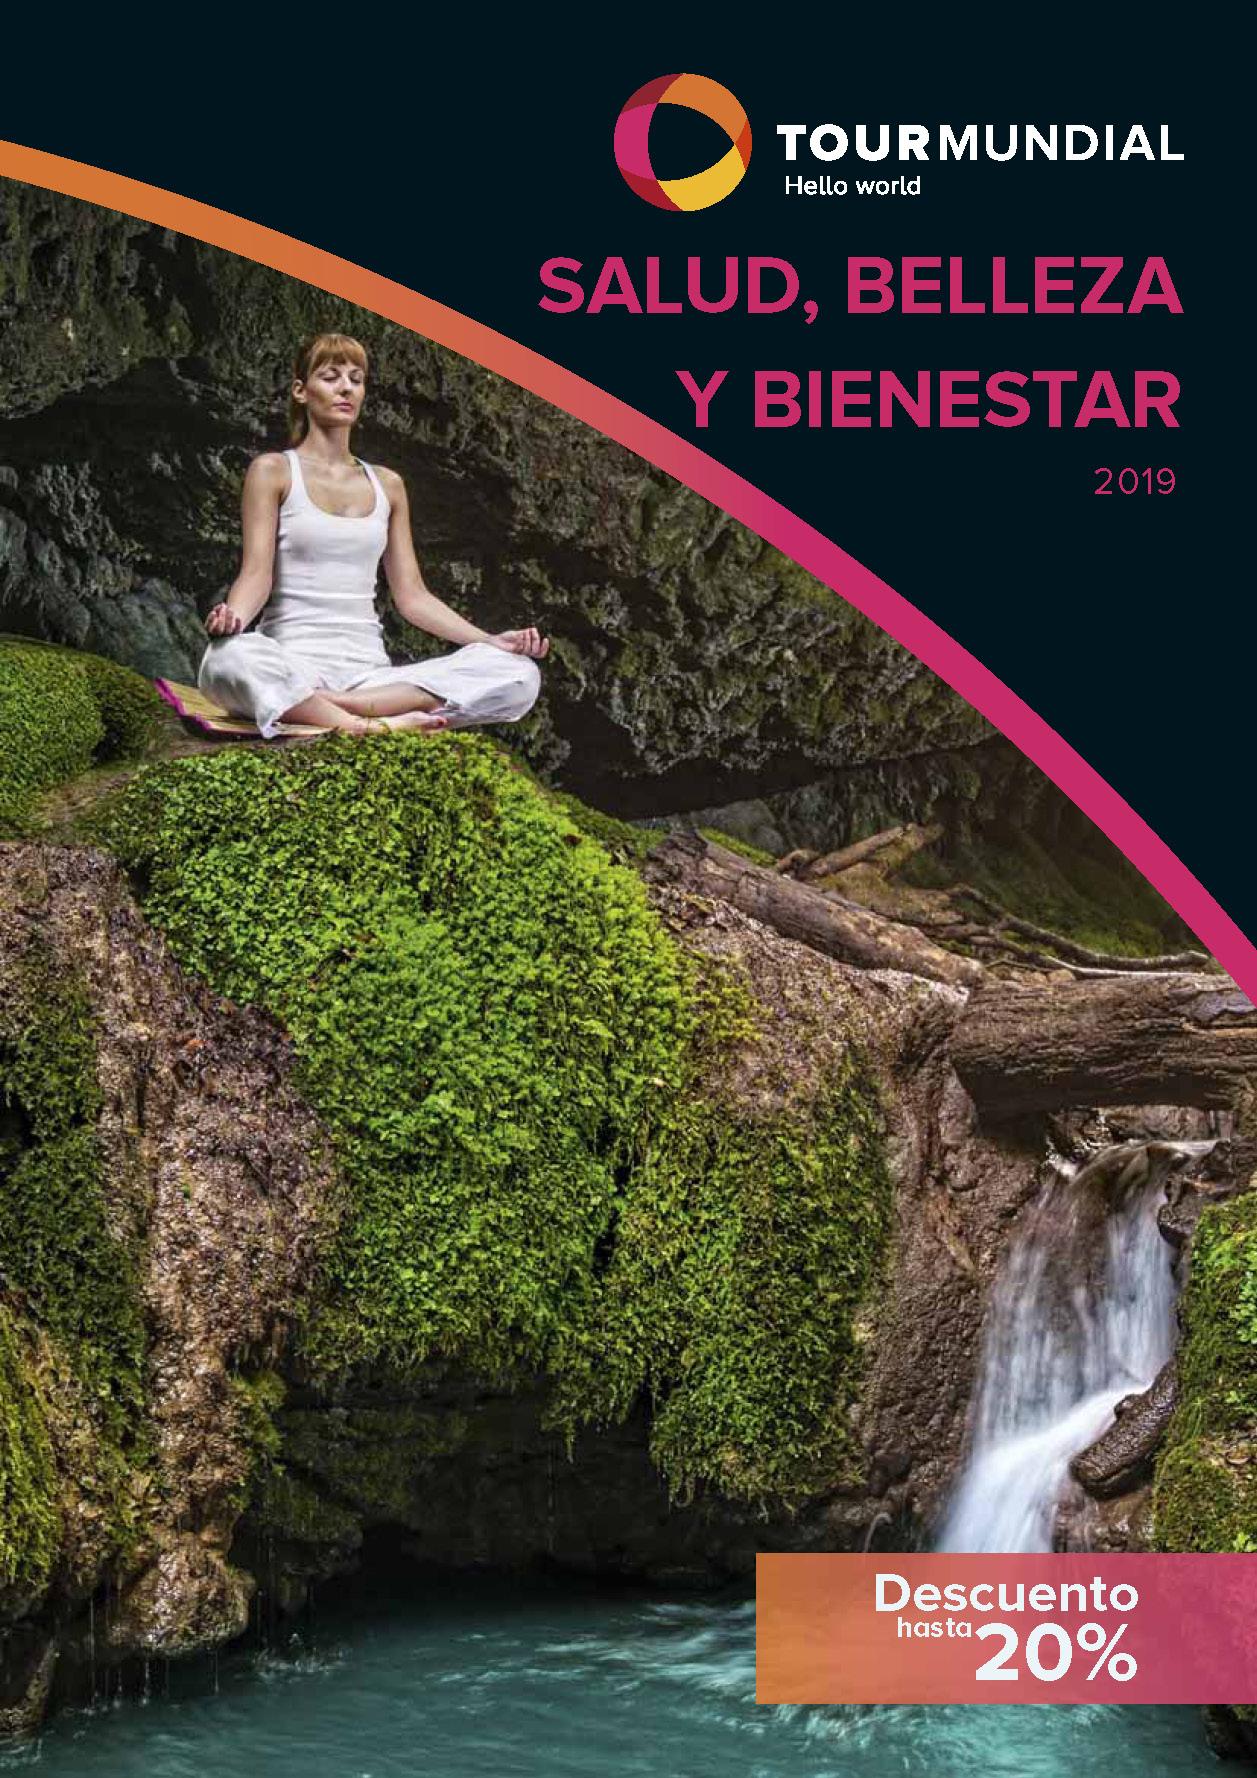 Catalogo Tourmundial Salud, Belleza y Bienestar 2019